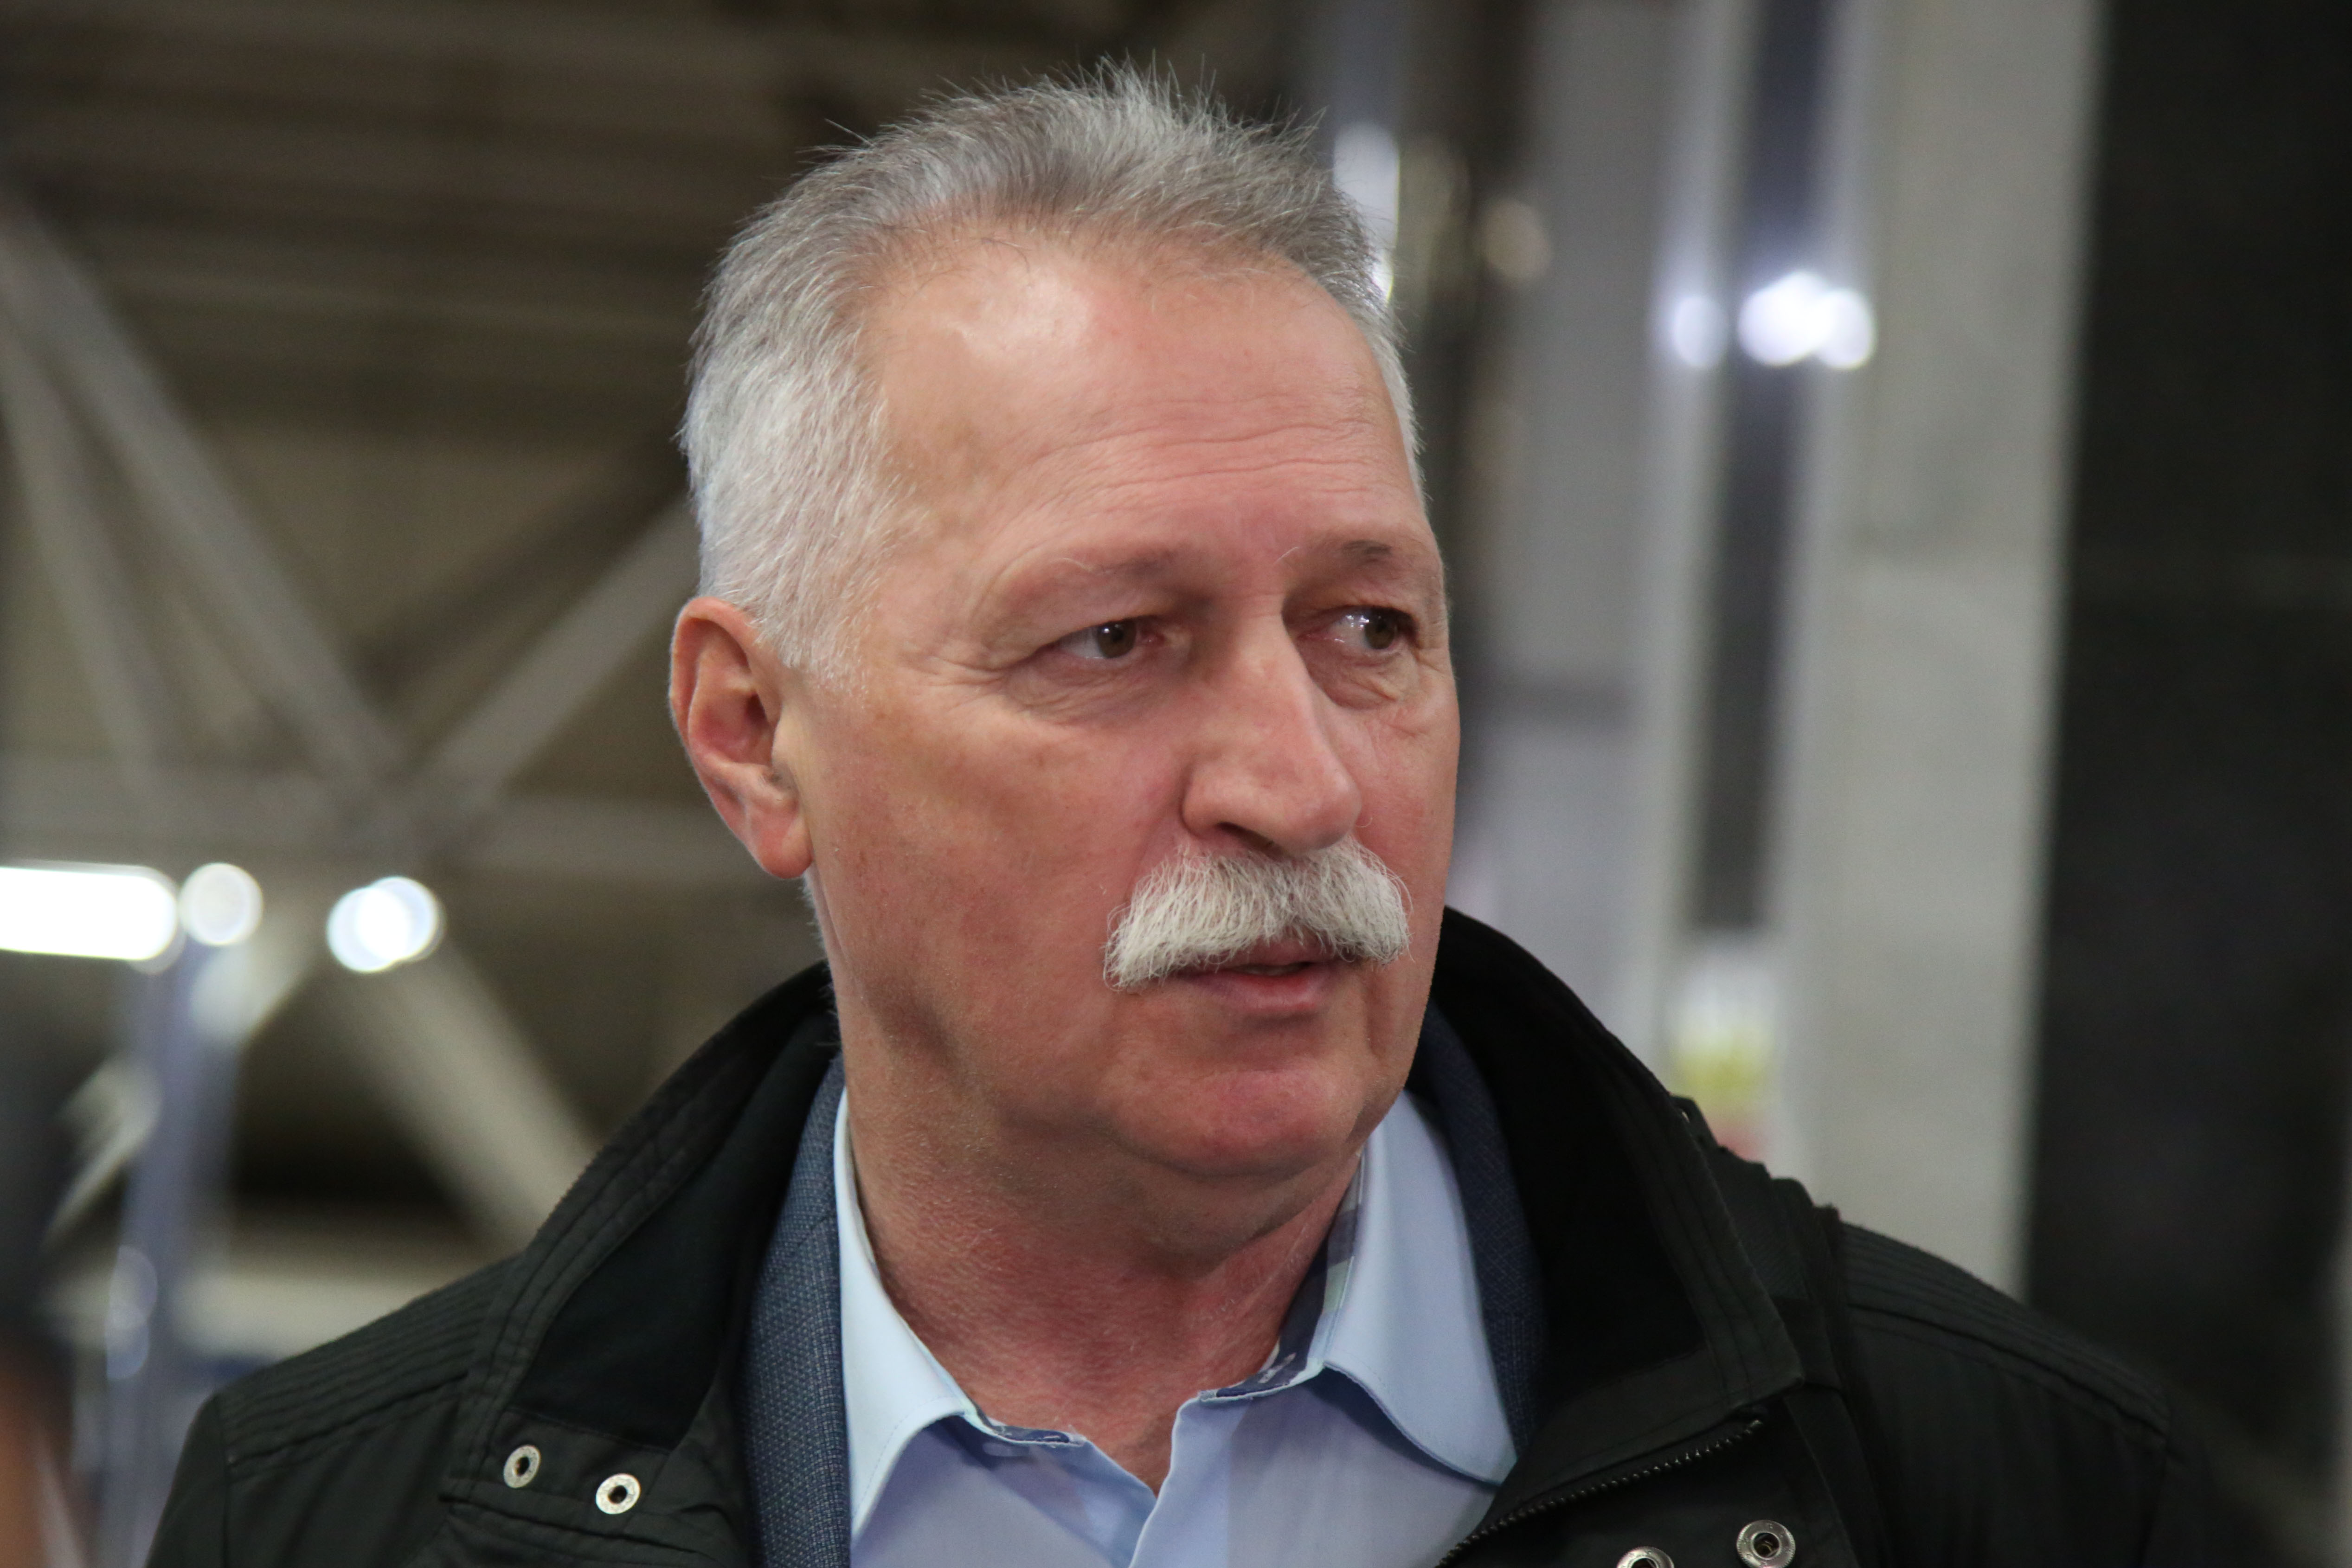 Mihalinec: '18. studenoga neće biti niti štrajkaških aktivnosti zbog pijeteta prema žrtvama Domovinskog rata'